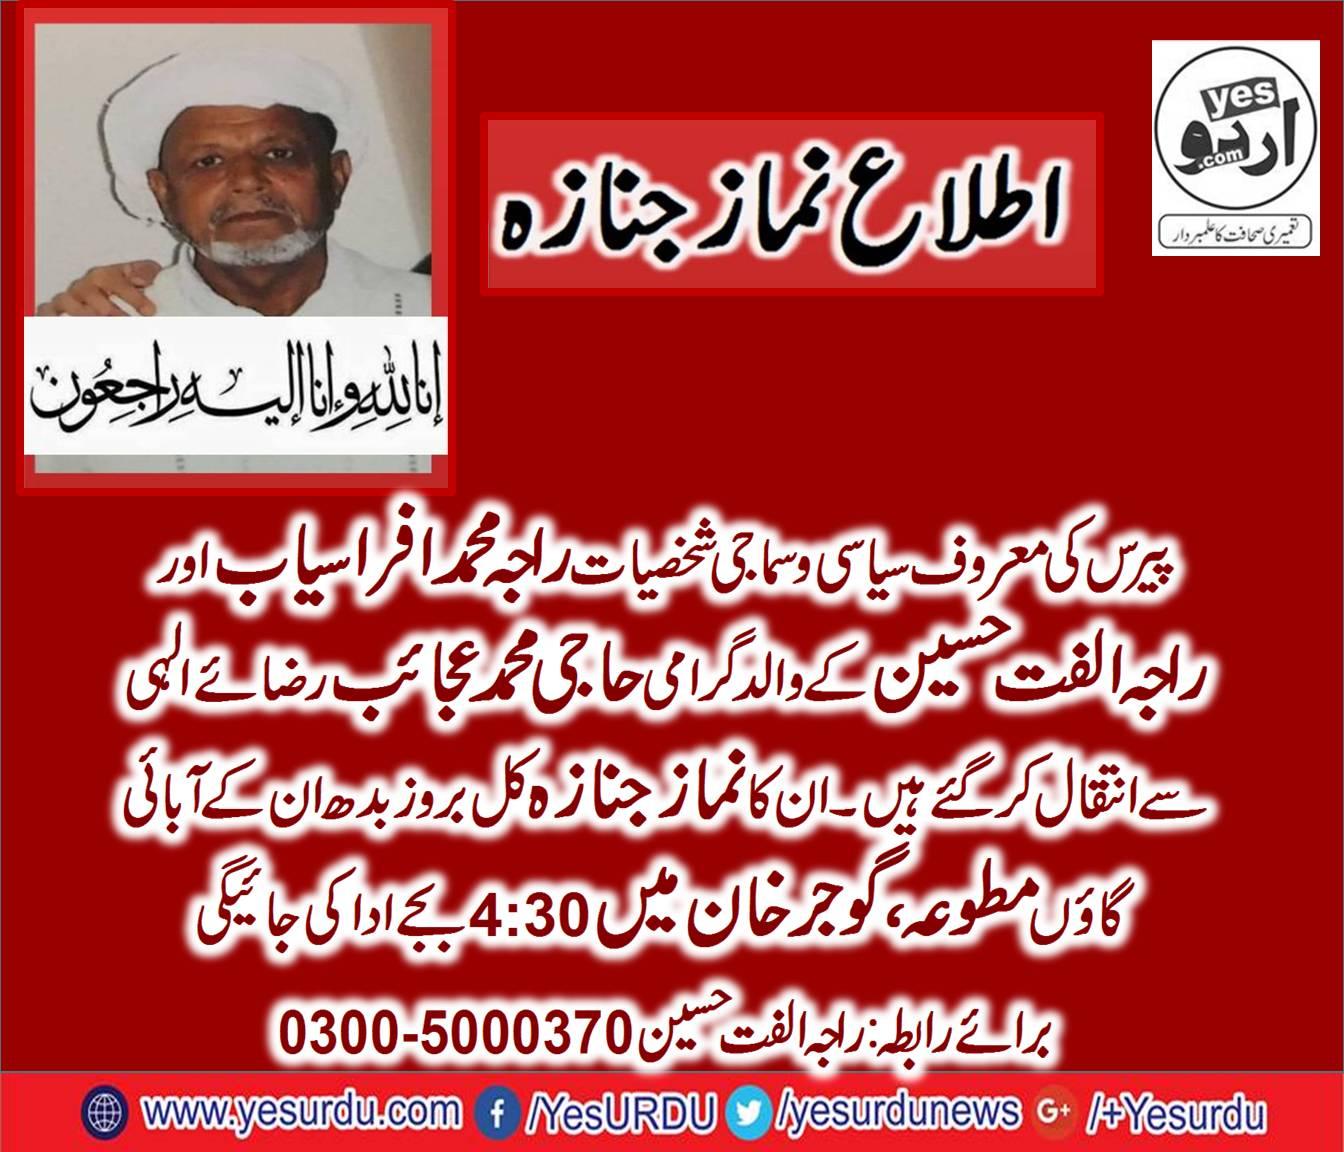 Father of, Raja Afrasyab, Haji Ajaib Khan, Died, Today